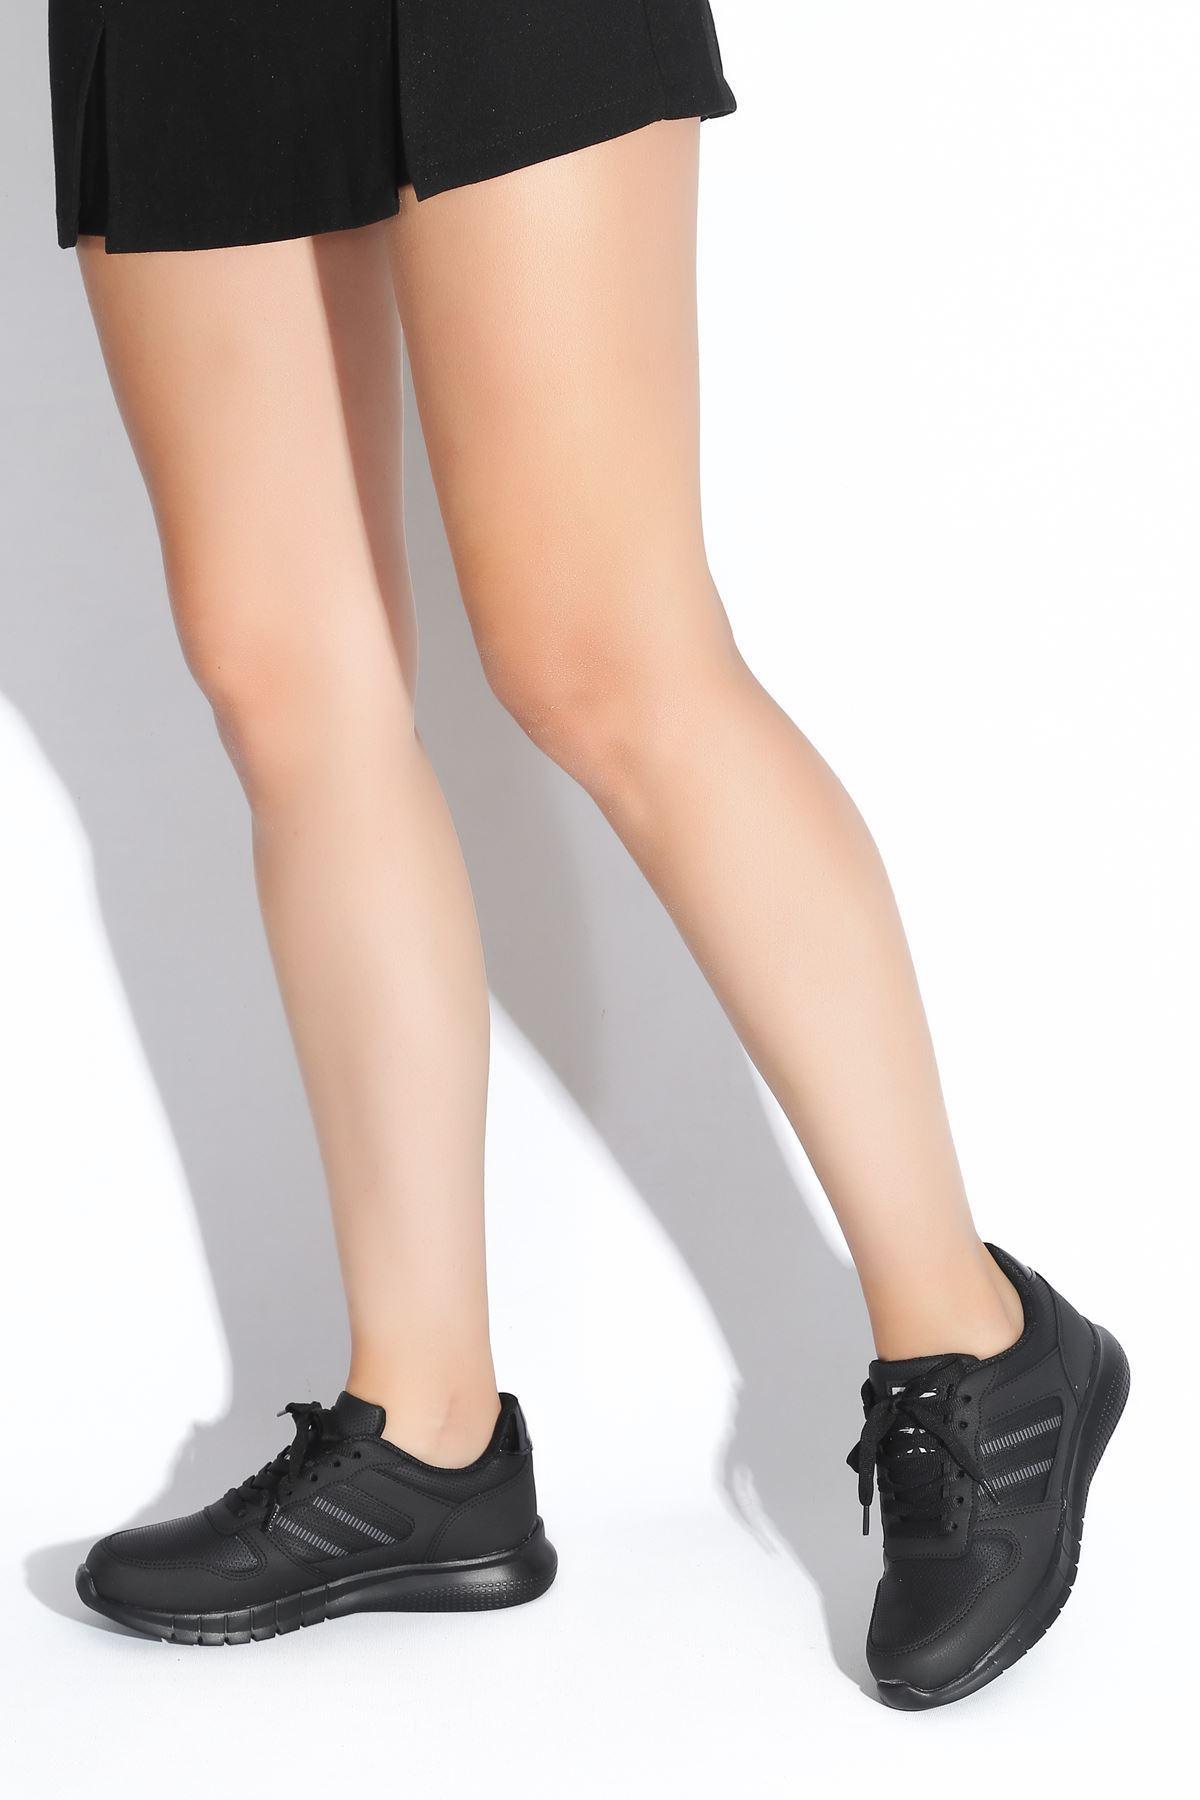 Erin Siyah Kadın Spor Ayakkabı